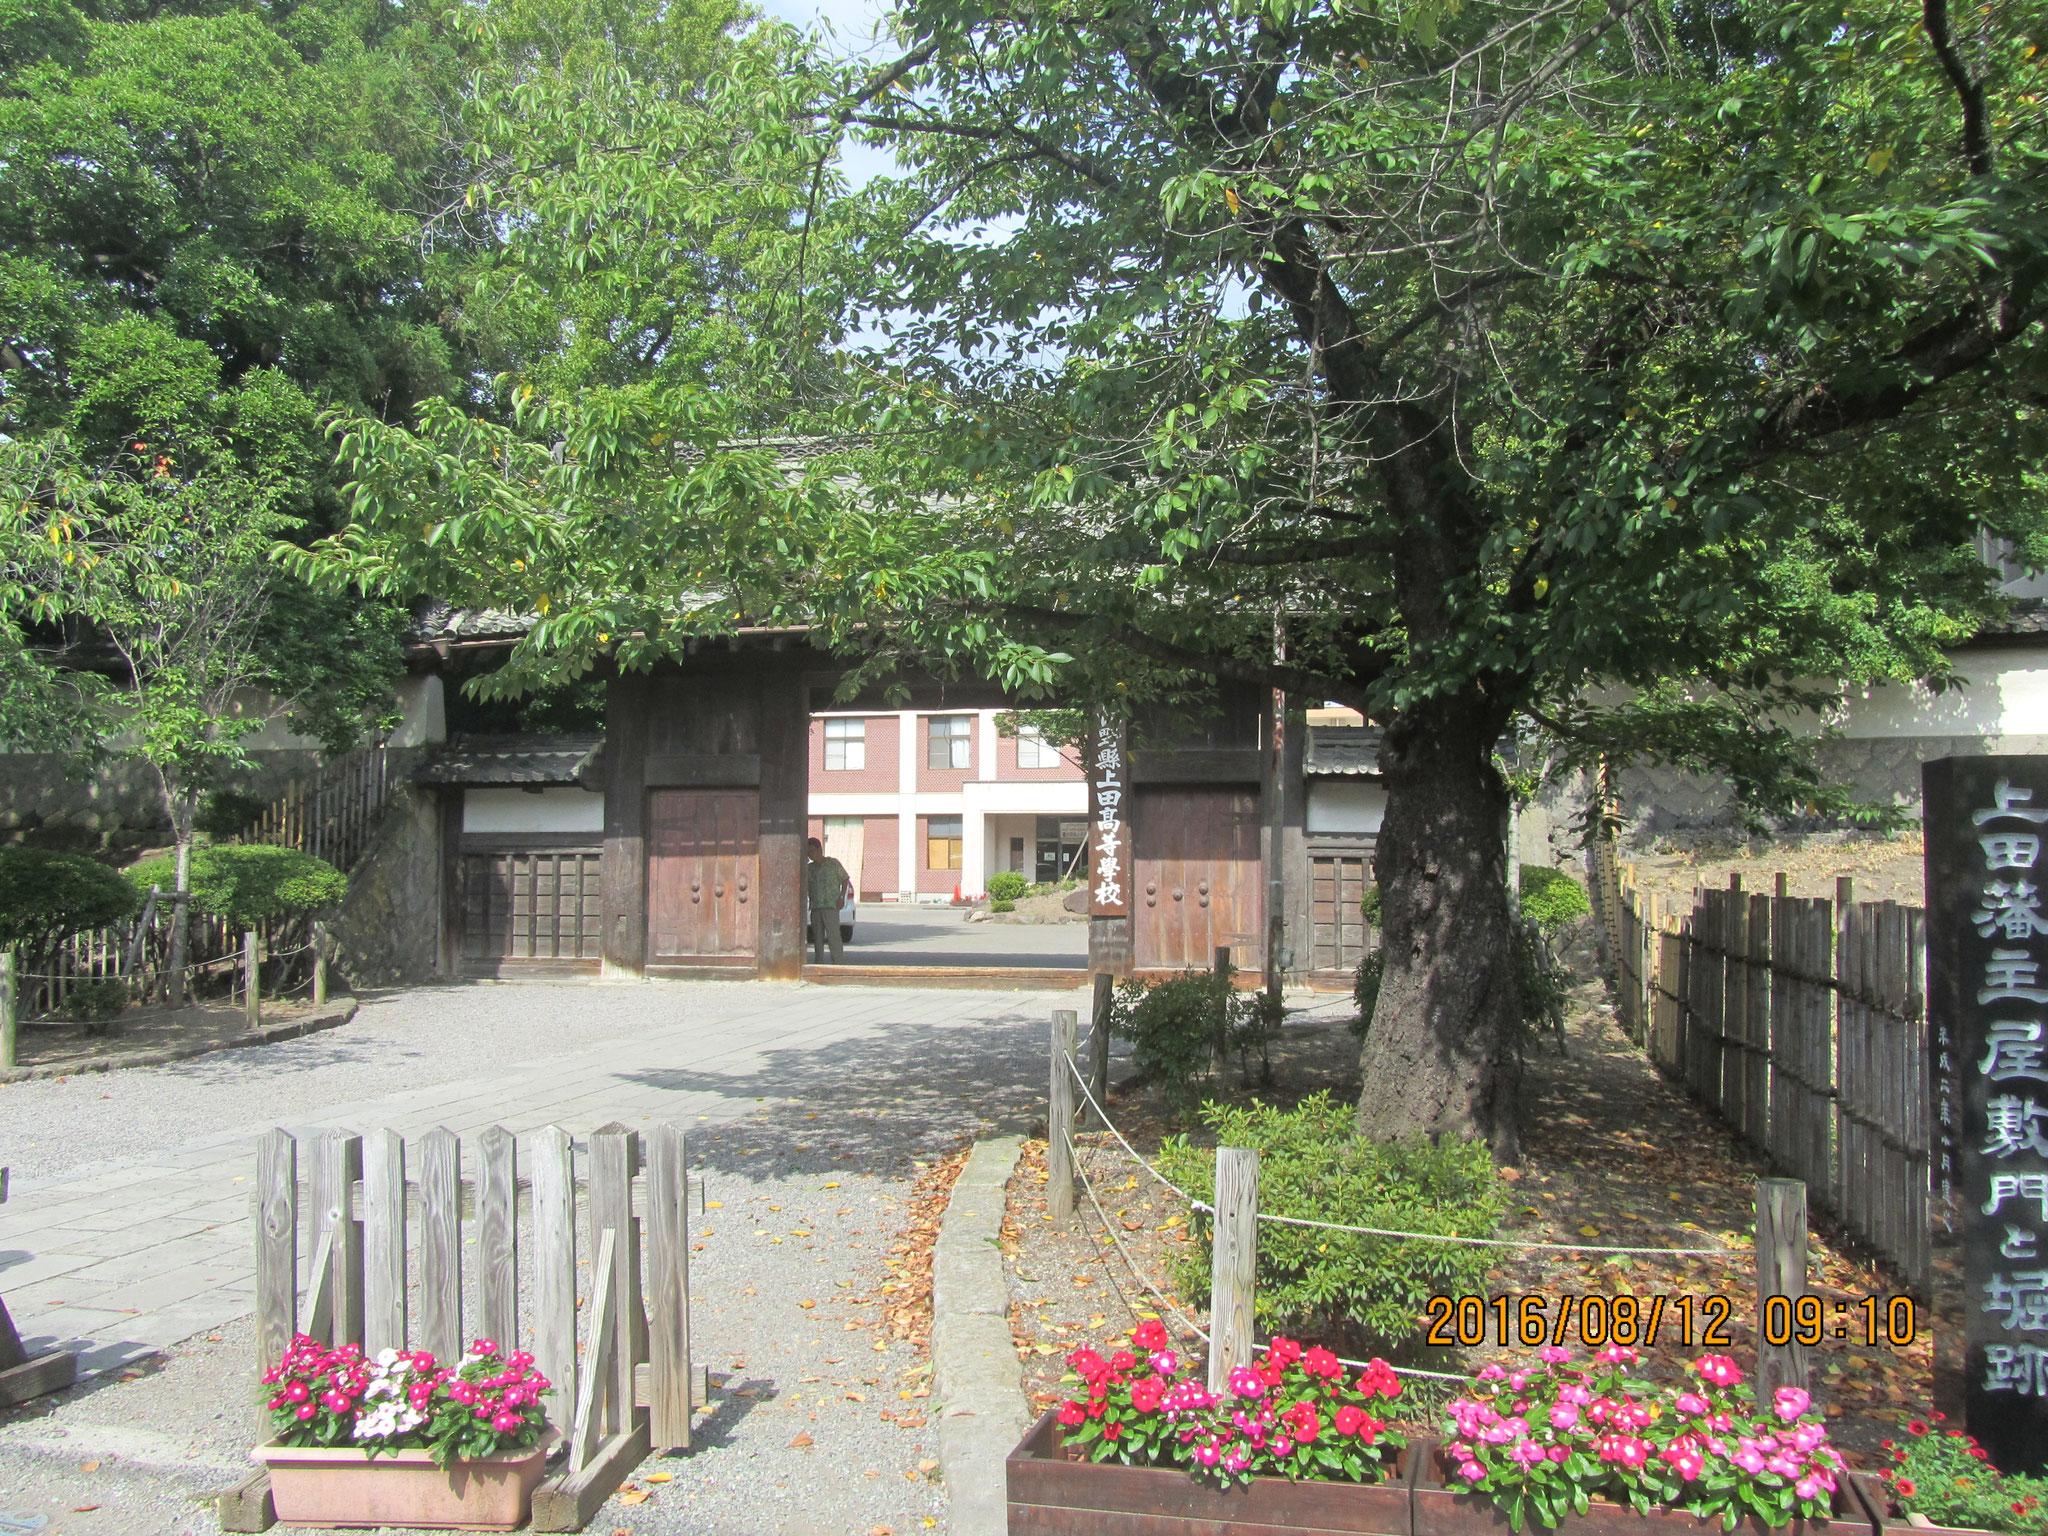 上田藩主の居館(きょかん)跡(あと)。関ヶ原の合戦の後、上田城は廃城とされました。そこで、勝った東軍に付いていた真田信之が上田に戻った際、ここに居を構えました。現在は上田高校が建っています。